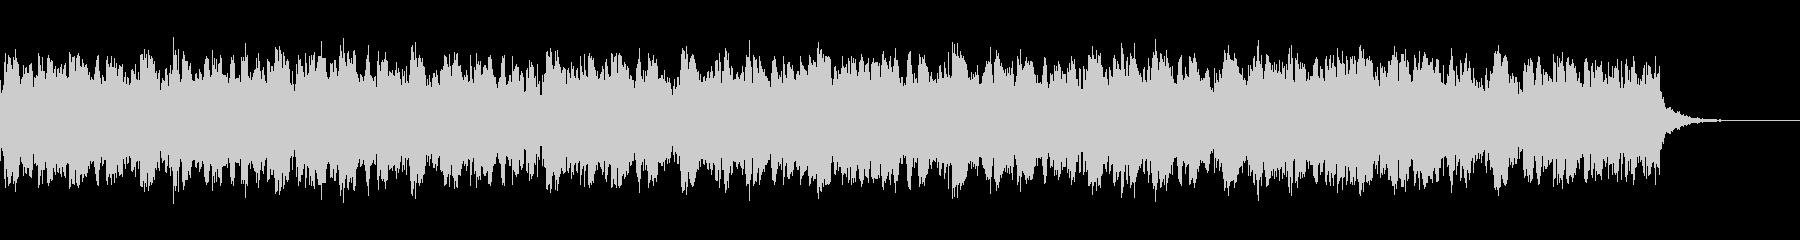 メランコリックで切ないピアノ系BGMの未再生の波形